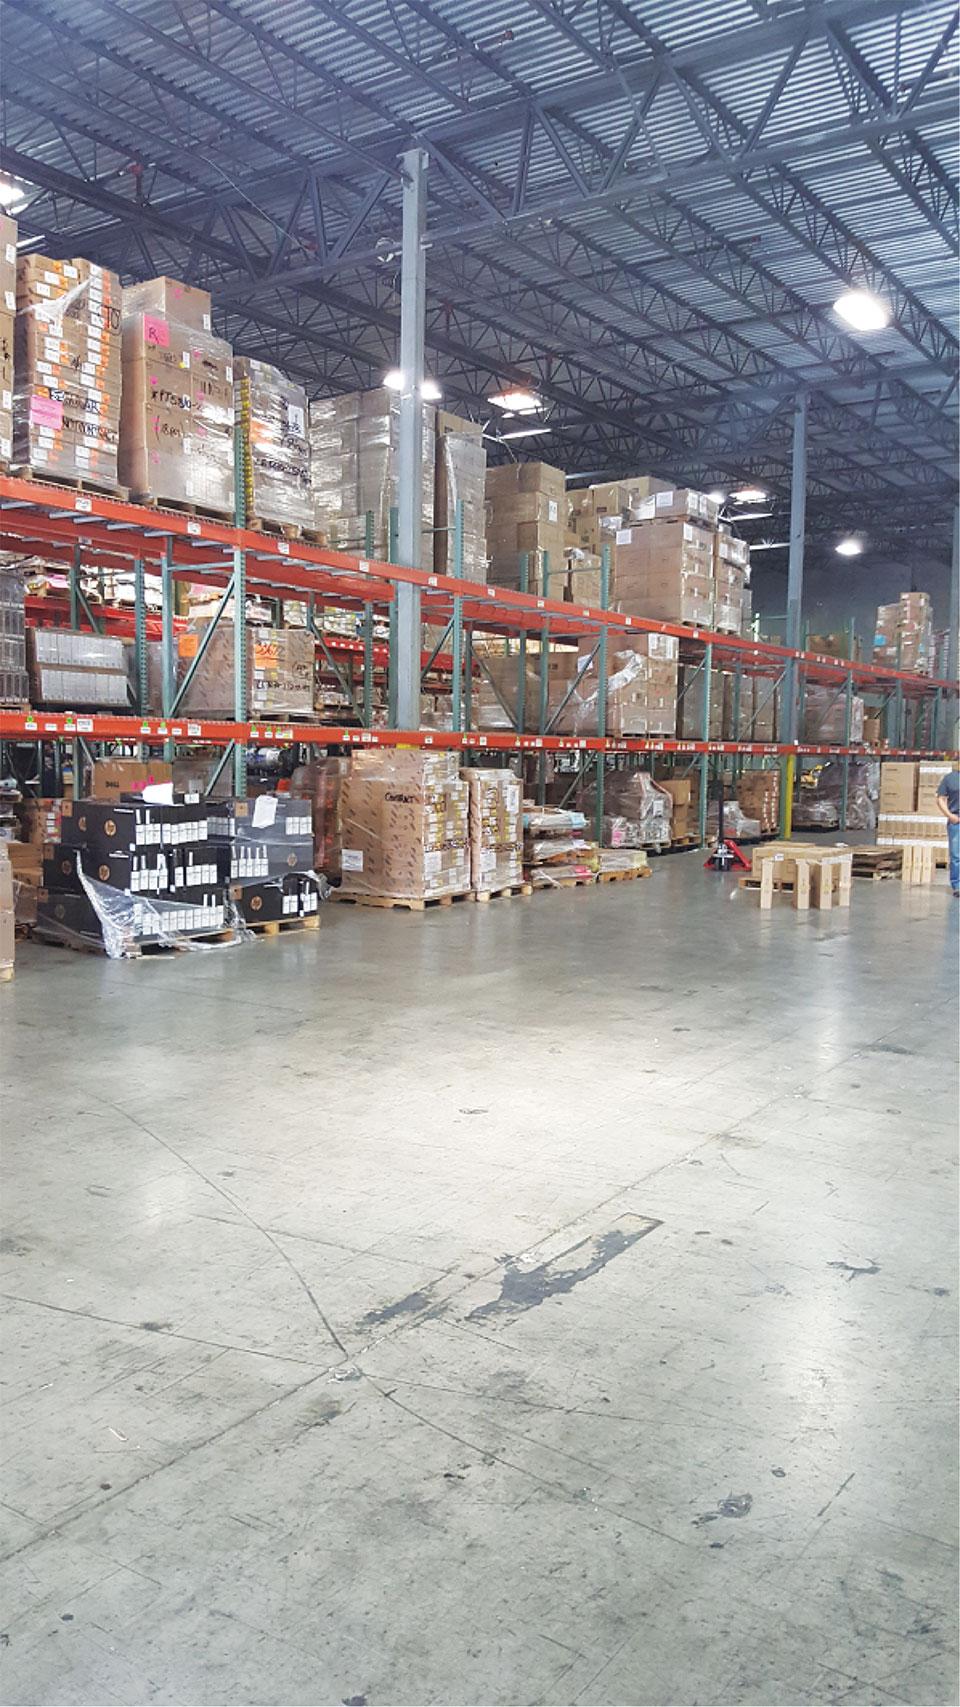 laptopplaza-warehouse